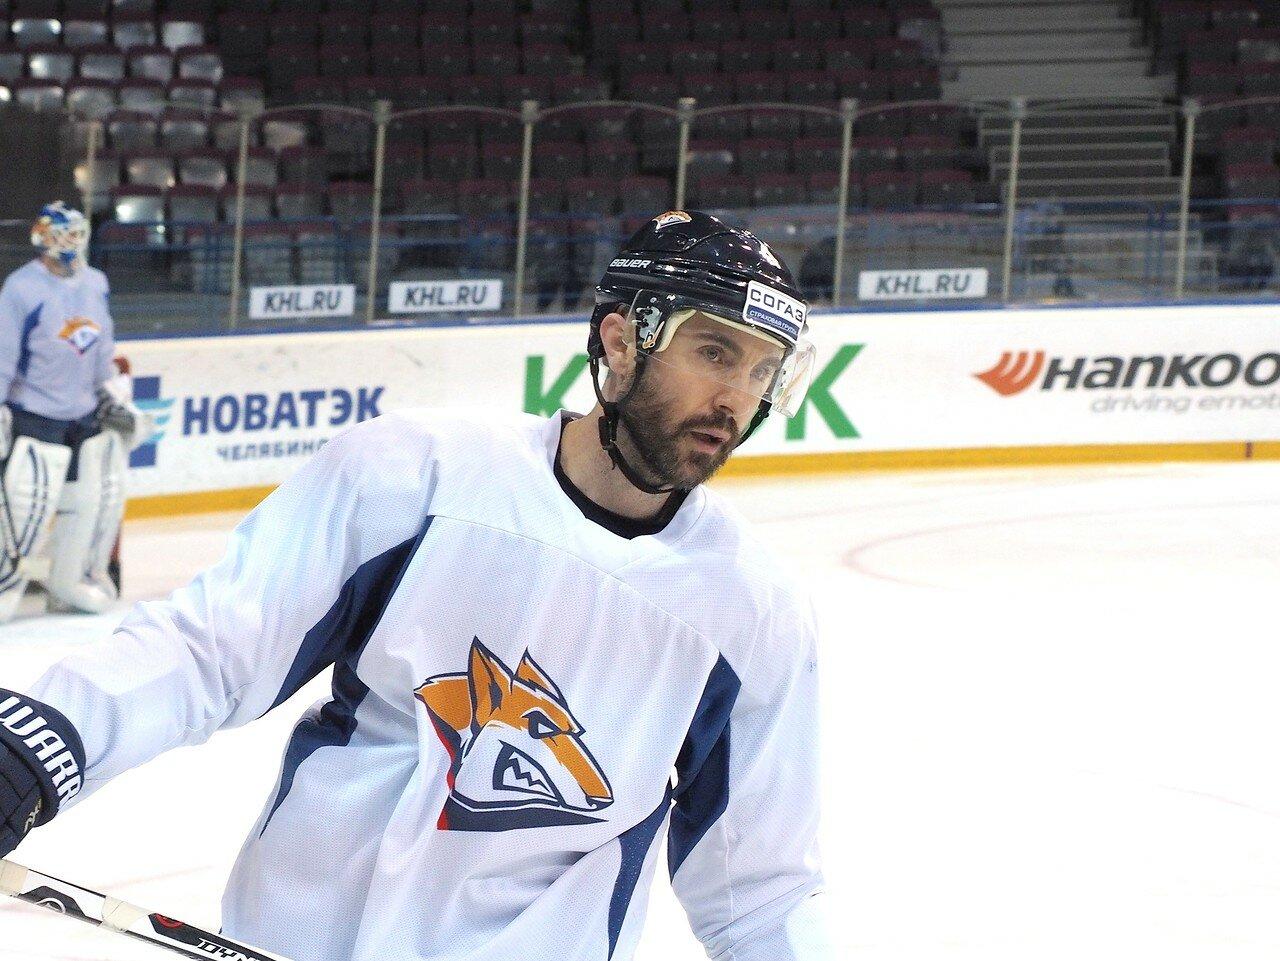 31 Открытая тренировка перед финалом плей-офф восточной конференции КХЛ 2017 22.03.2017